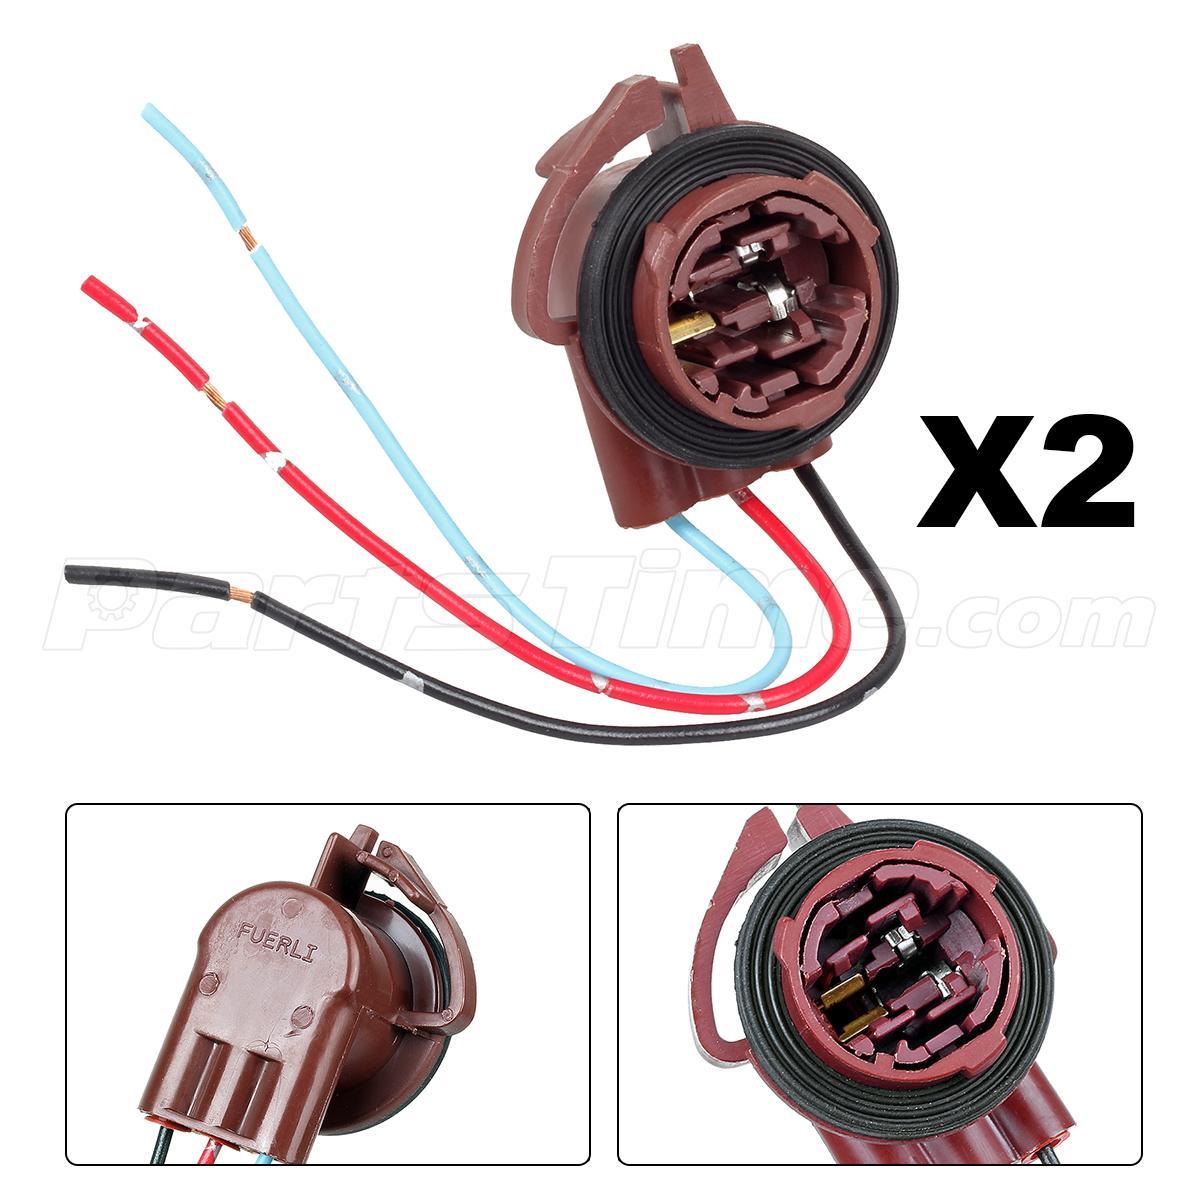 2) 3157 4157 3156 Female Socket Turn Brake Light Connector